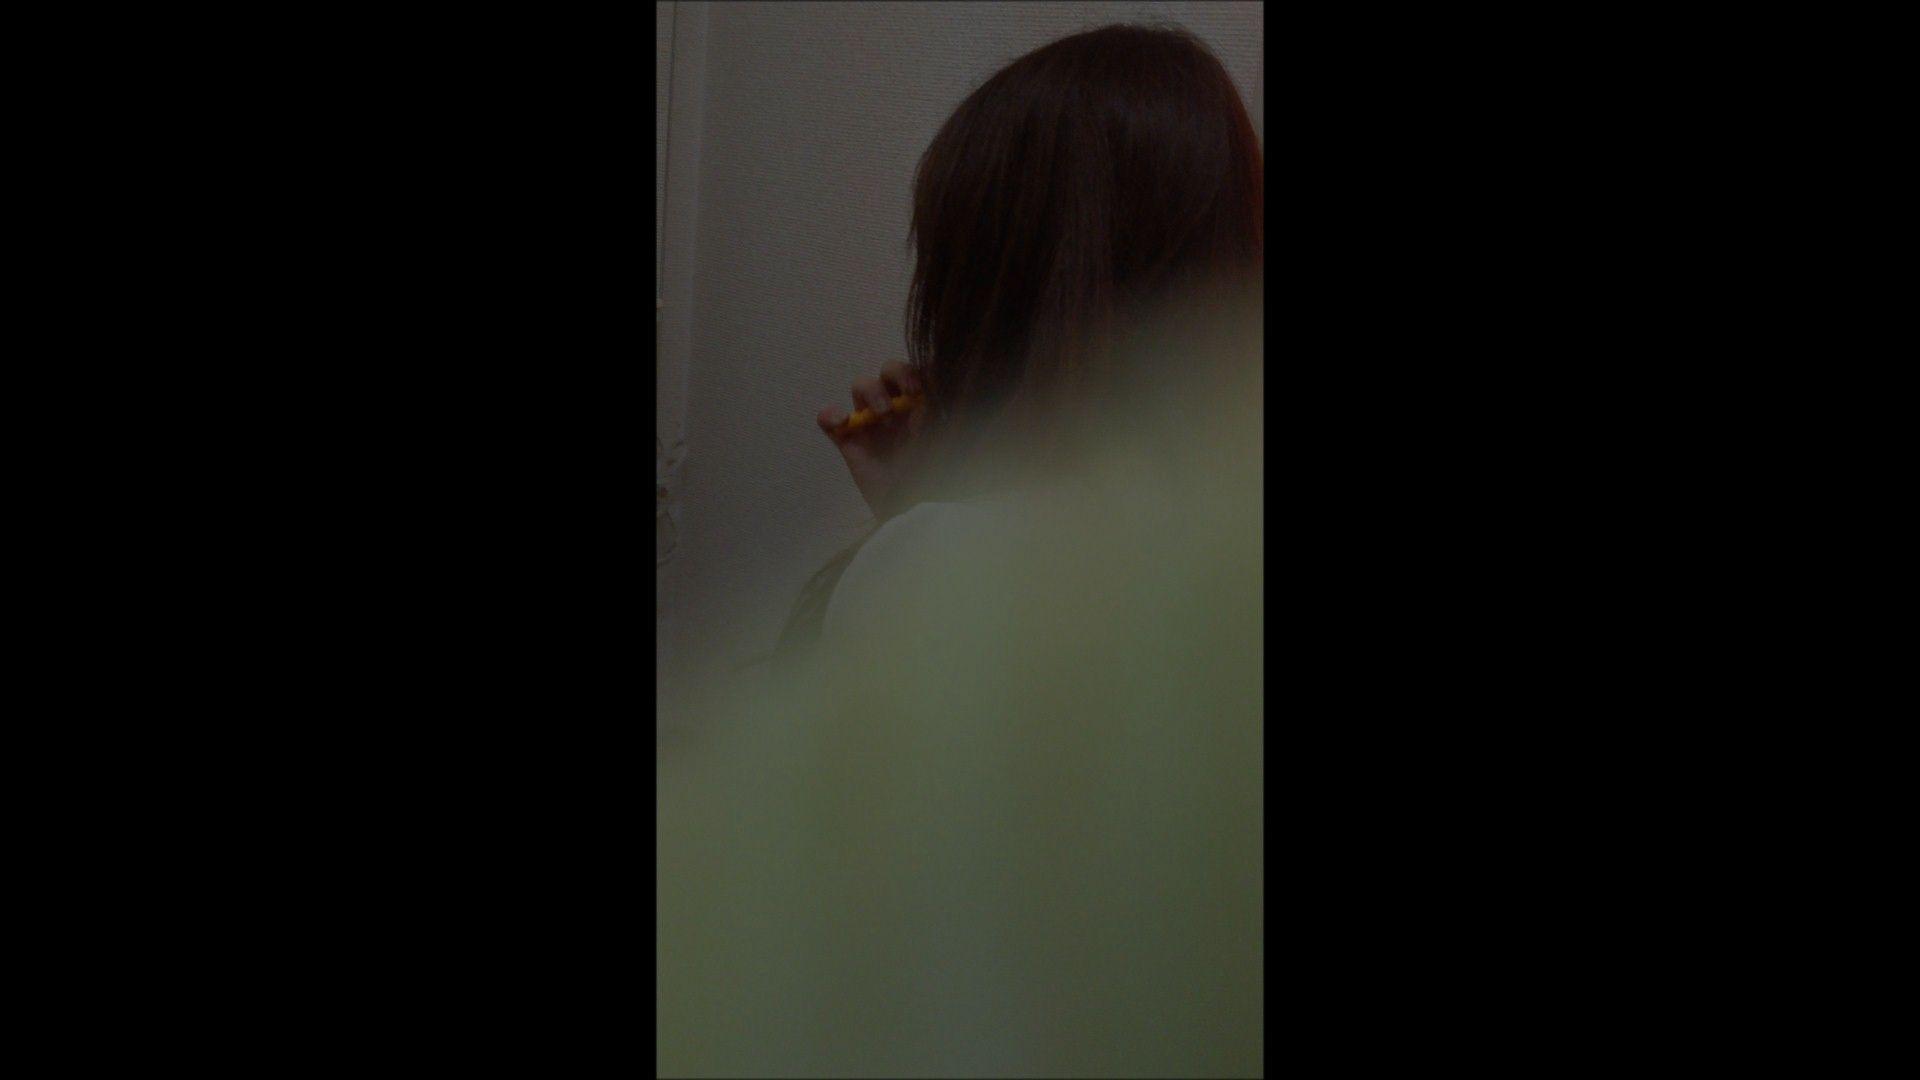 08(8日目)メイク中の彼女の顔を撮りました! マンコ特集 | オマンコ丸見え  59連発 18